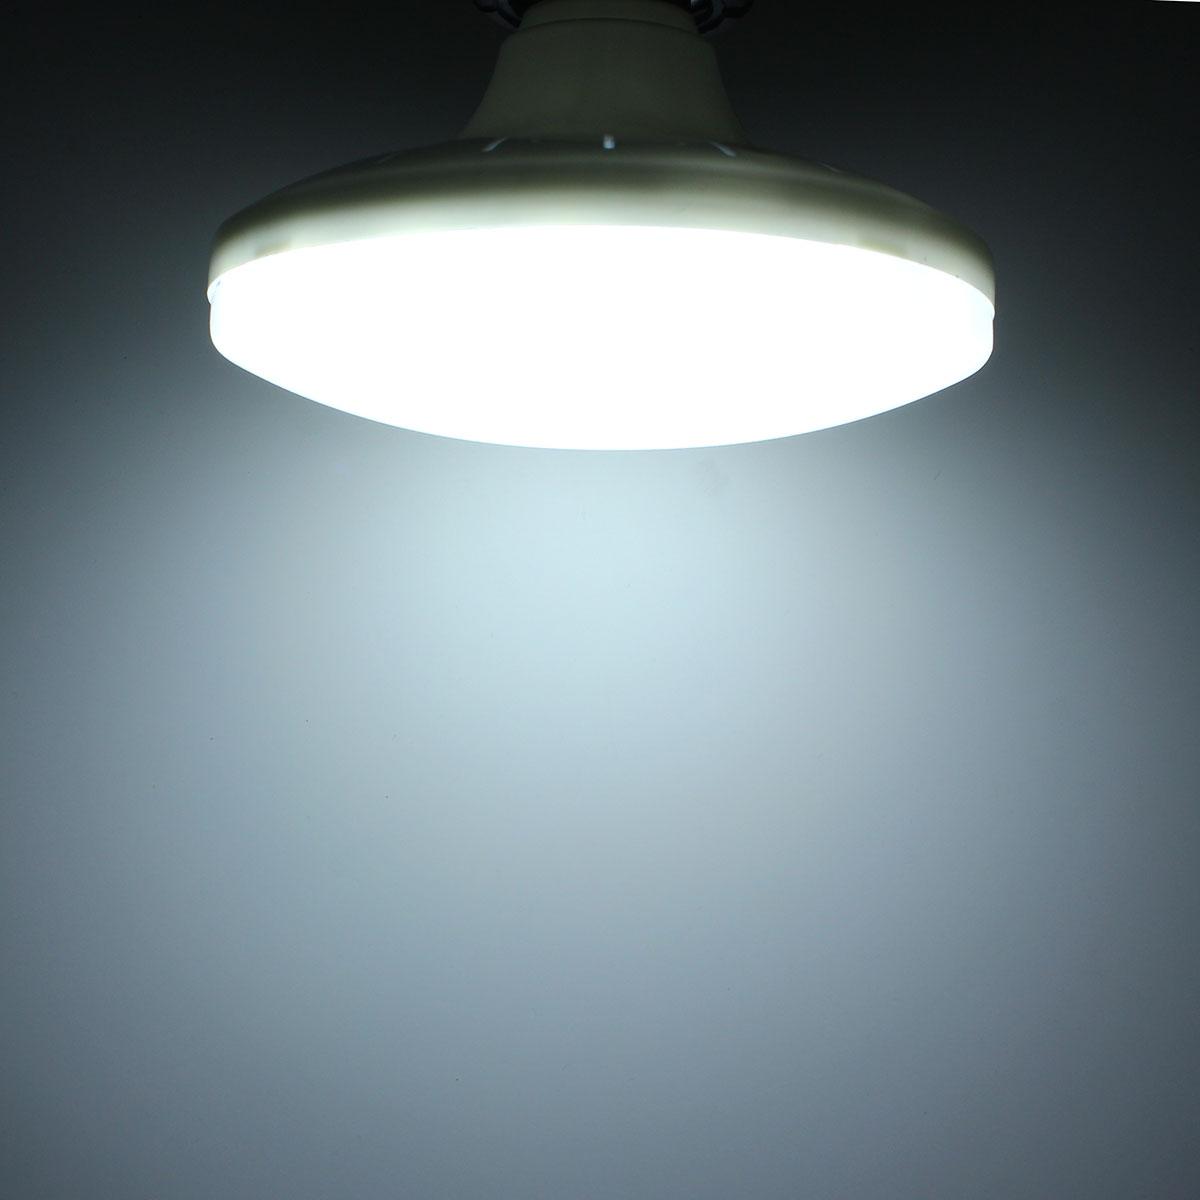 E27 14W 36 SMD 5730 LED Cool White Saucer Globe Light Lamp Bulb AC220V